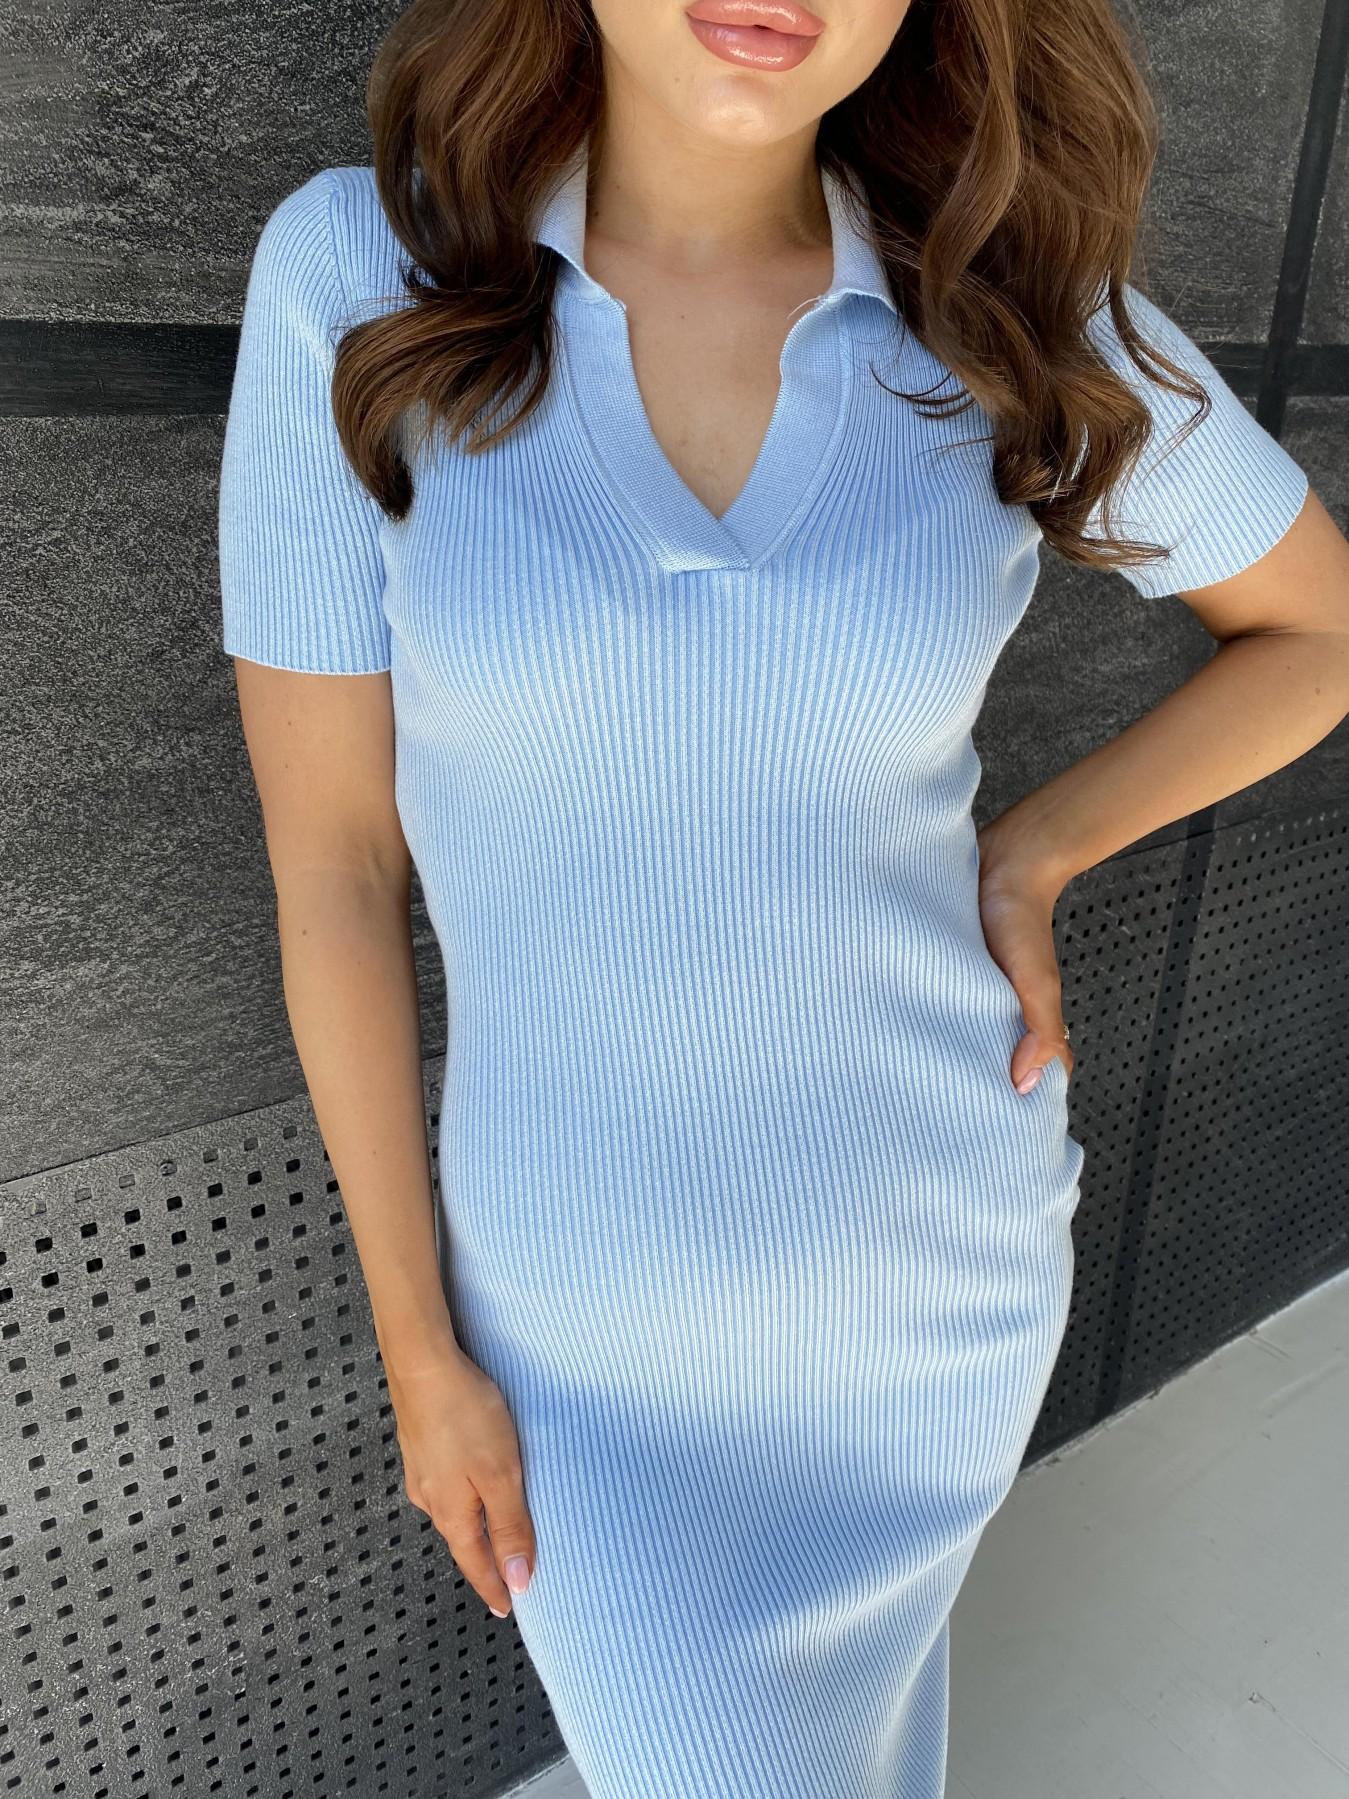 Платье воротник 91688 АРТ. 48067 Цвет: Голубой меланж - фото 6, интернет магазин tm-modus.ru